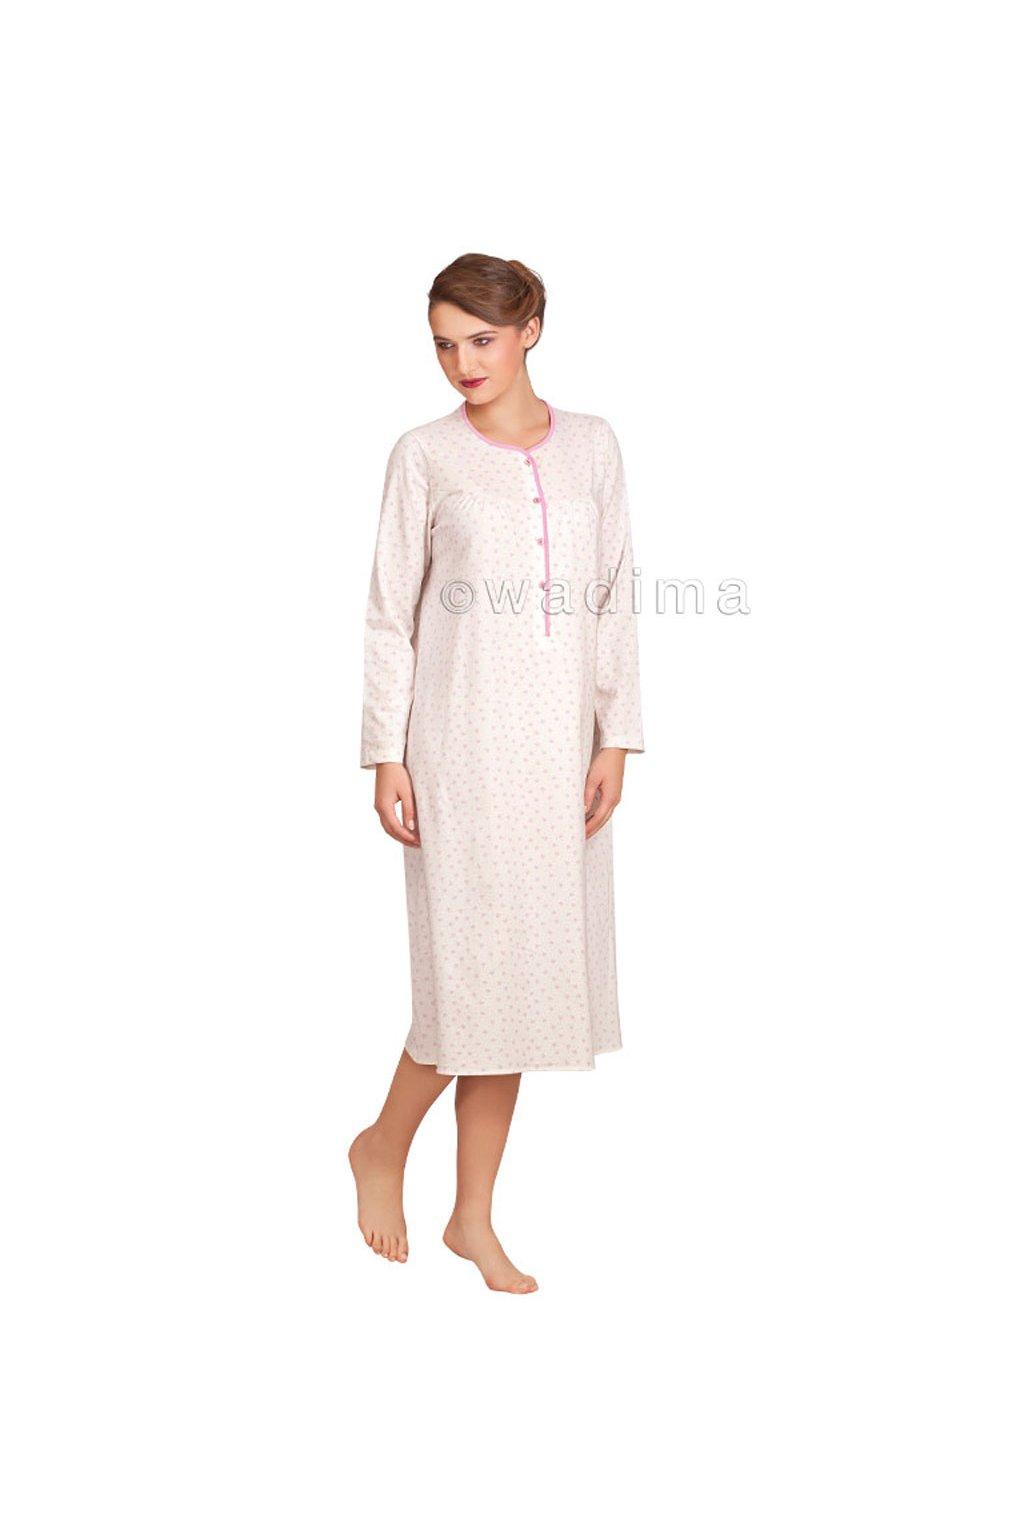 Dámská noční košile s dlouhým rukávem, 104214 1, bílá